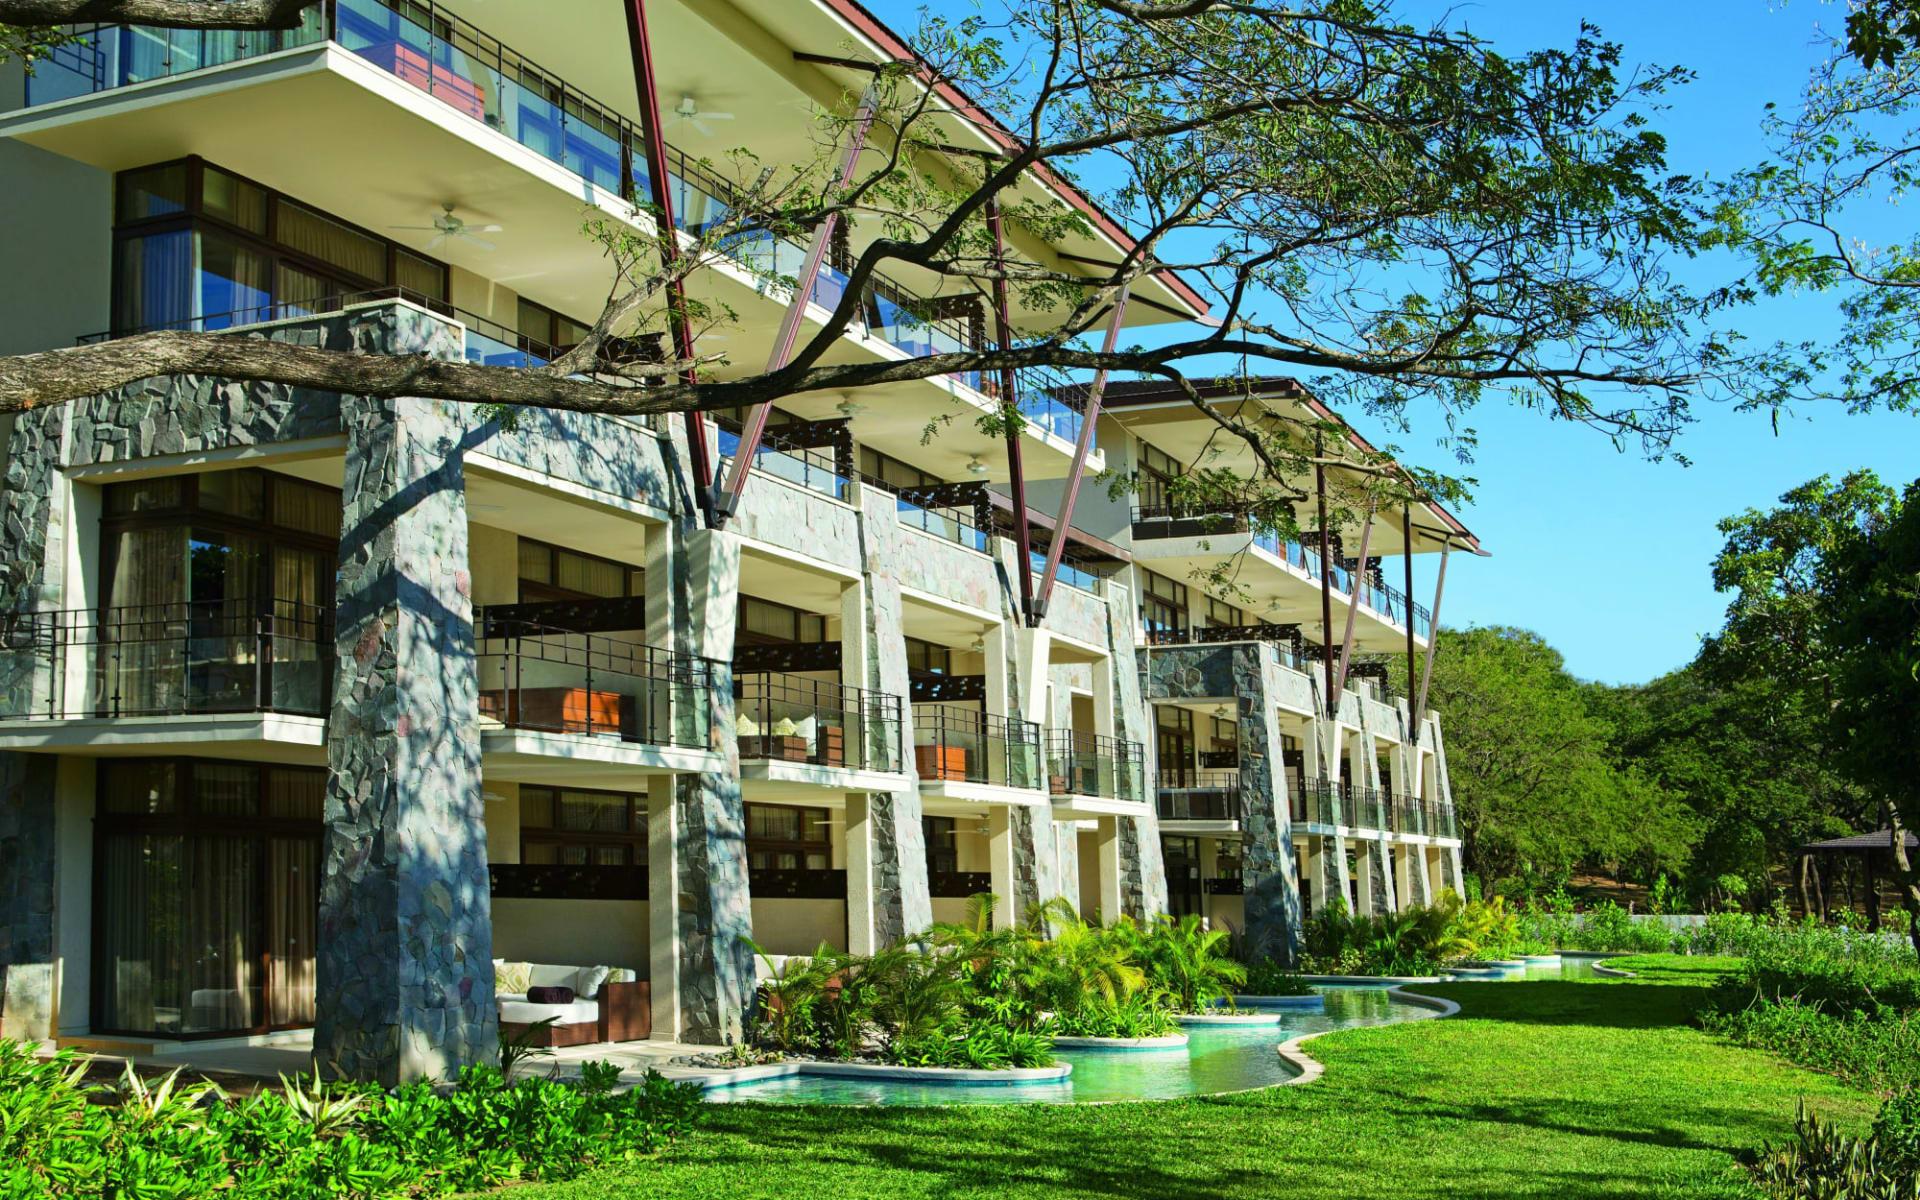 Dreams Las Mareas in Bahia Jobo:  Dreams Las Mareas-Junior Suite Swimout Tropical View